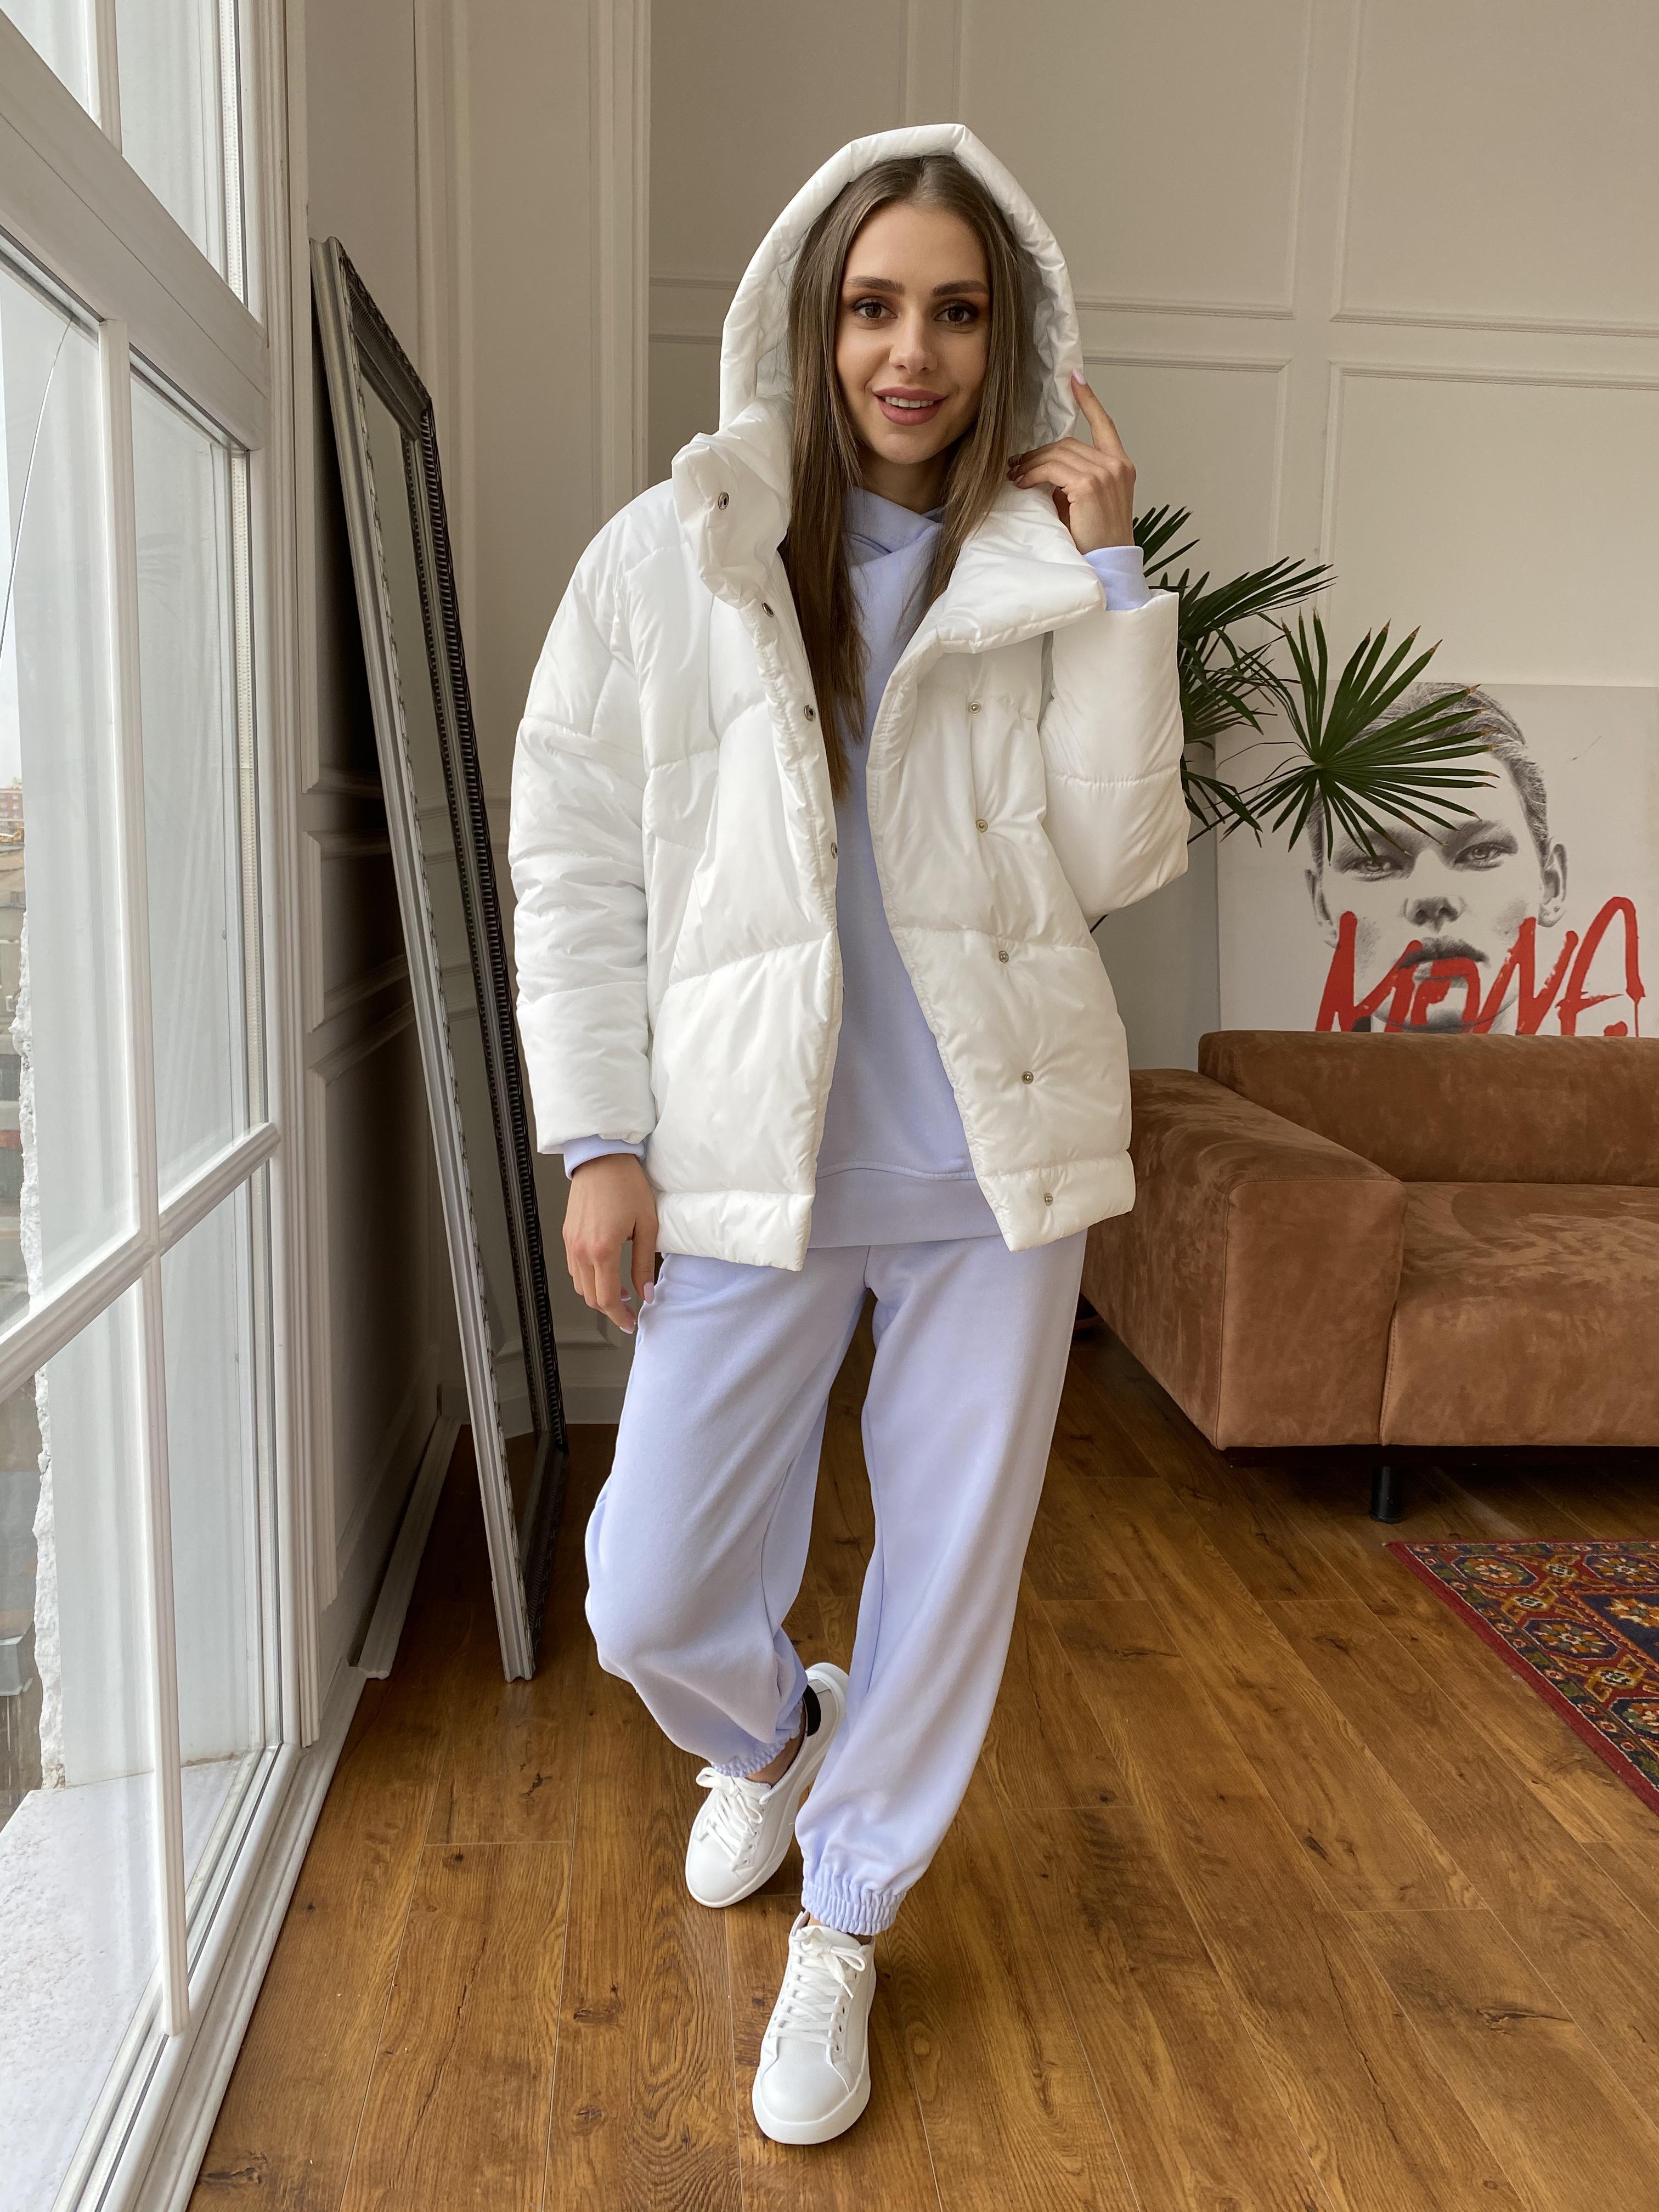 Уно куртка плащевка Ammy 10671 АРТ. 47395 Цвет: Молоко - фото 3, интернет магазин tm-modus.ru